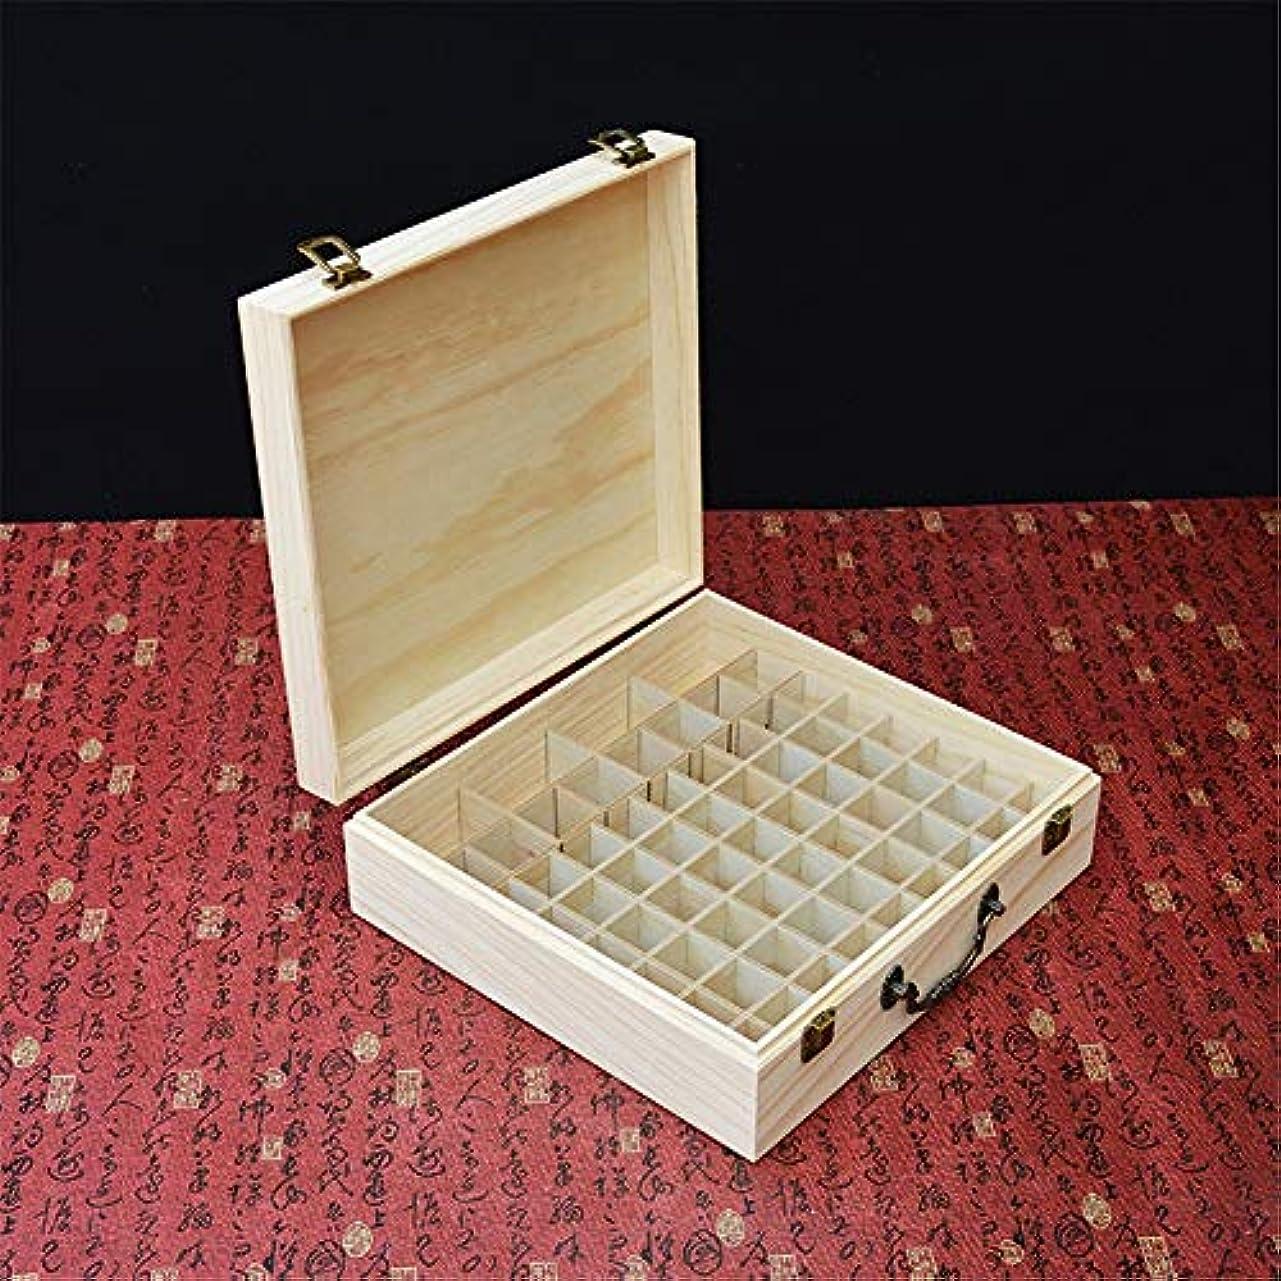 小さな便益の中でエッセンシャルオイルストレージボックス 66スロット旅行やプレゼンテーションのために木製のエッセンシャルオイルストレージボックスパーフェクト 旅行およびプレゼンテーション用 (色 : Natural, サイズ : 31.5X29X10CM)